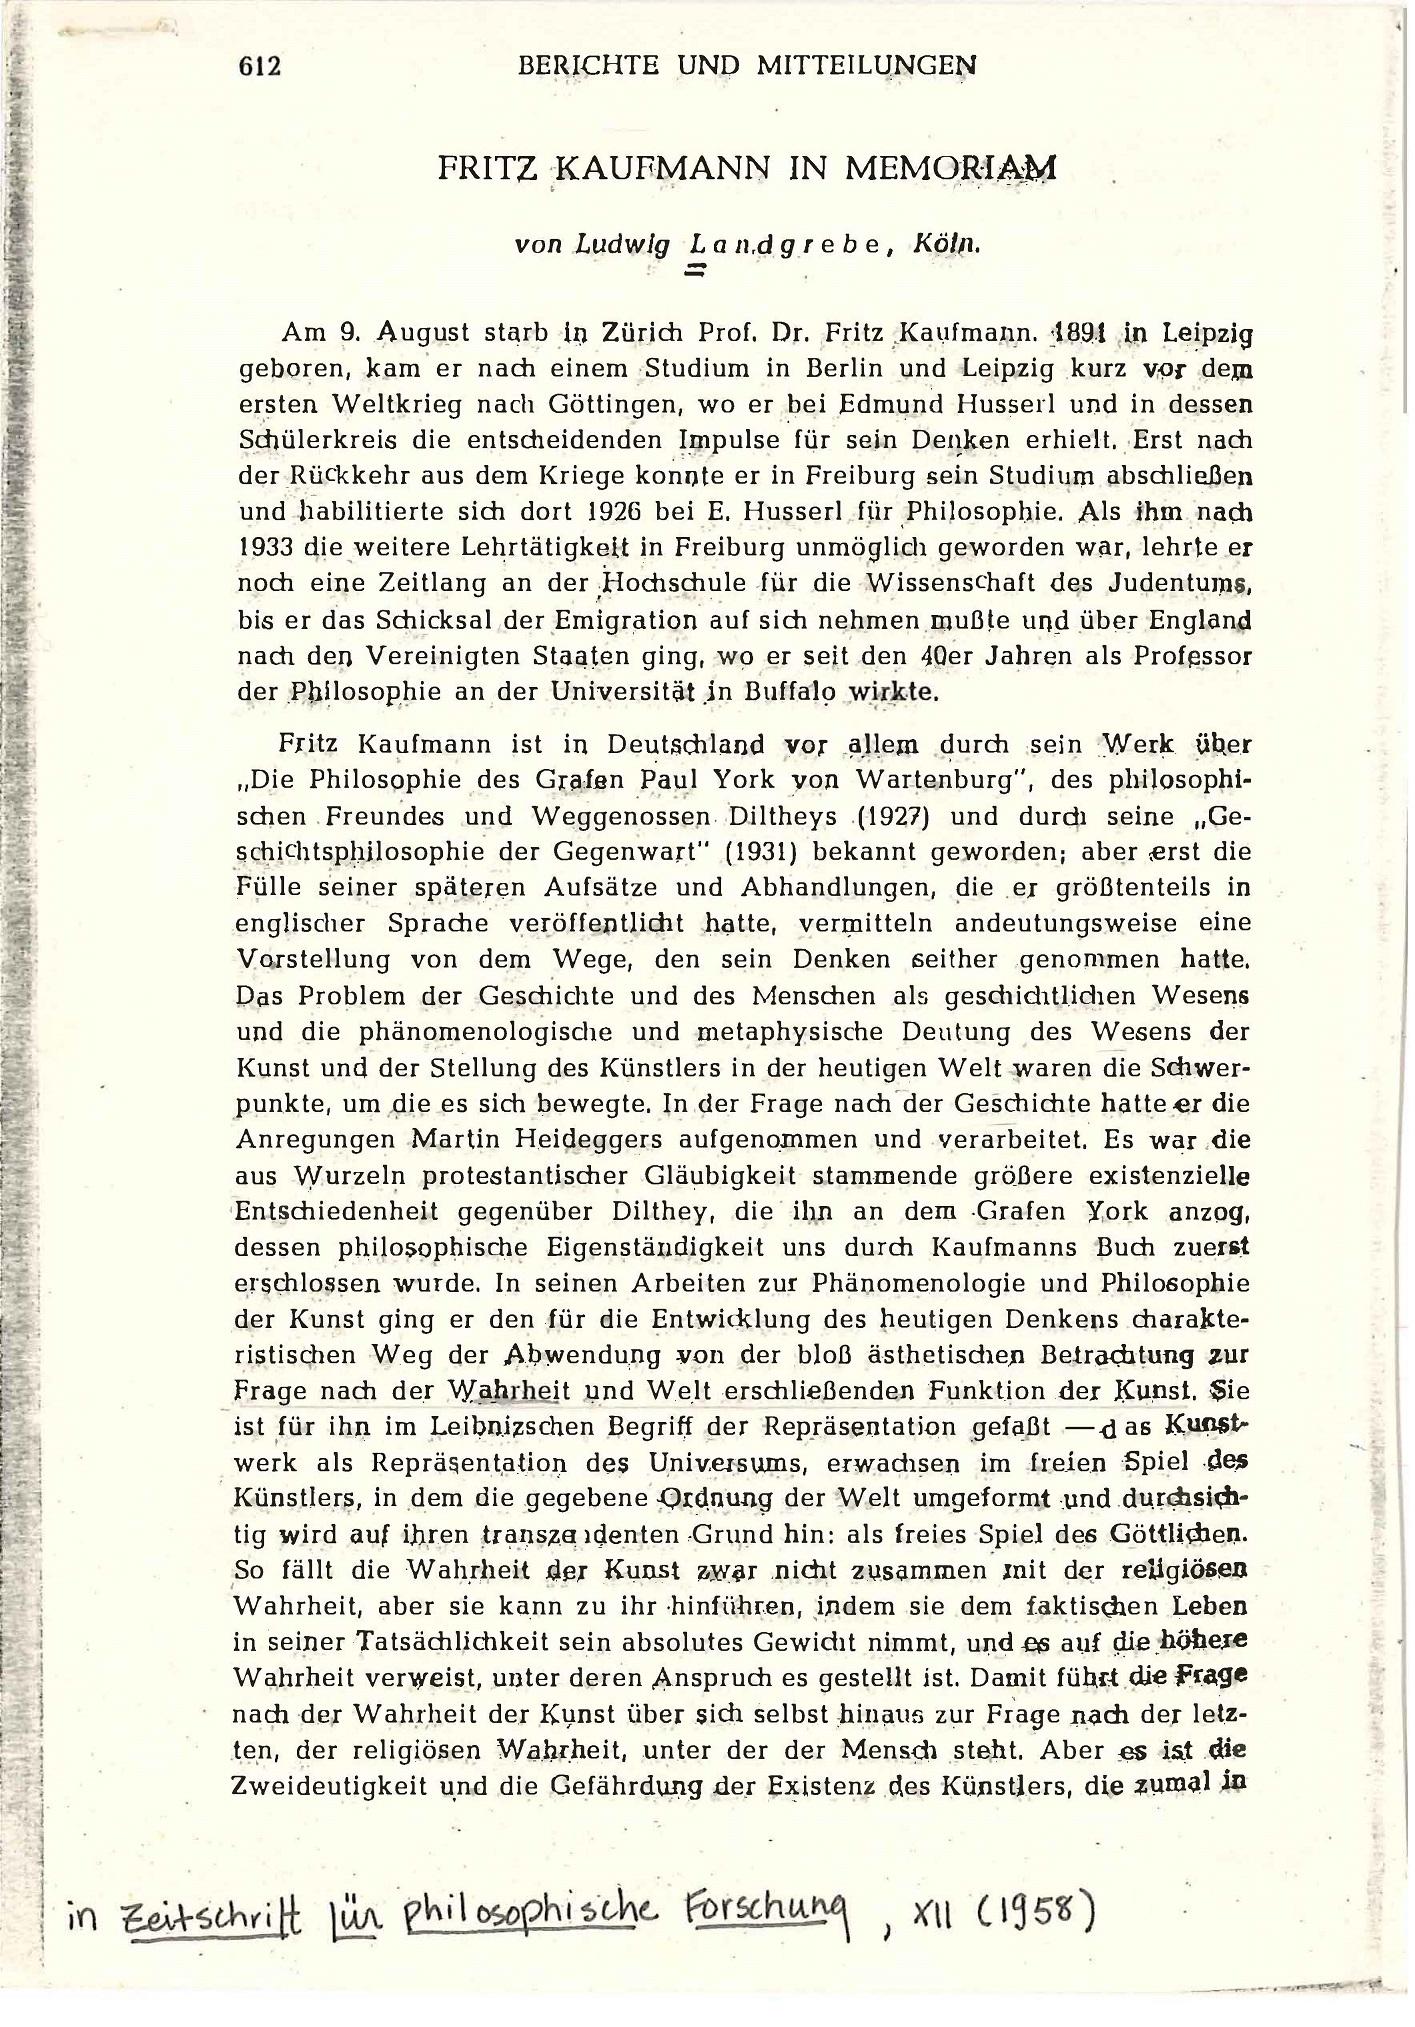 Landgrebe - Fritz Kaufmann in Memoriam_Page_1m